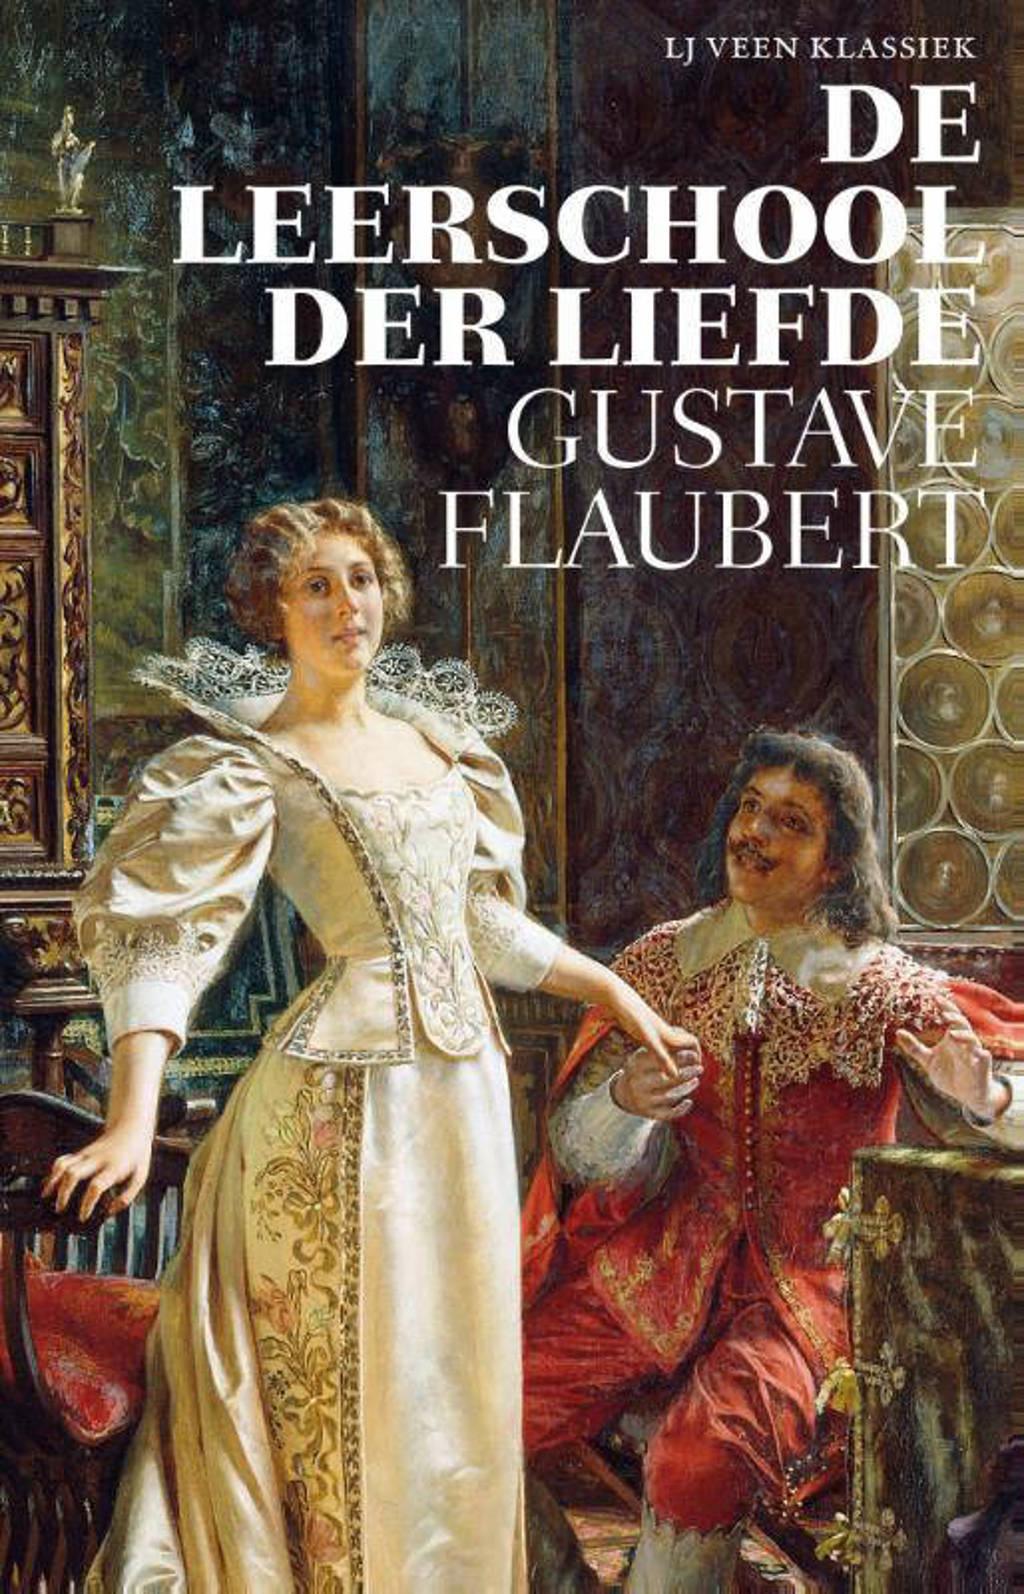 LJ Veen Klassiek: De leerschool der liefde - Gustave Flaubert